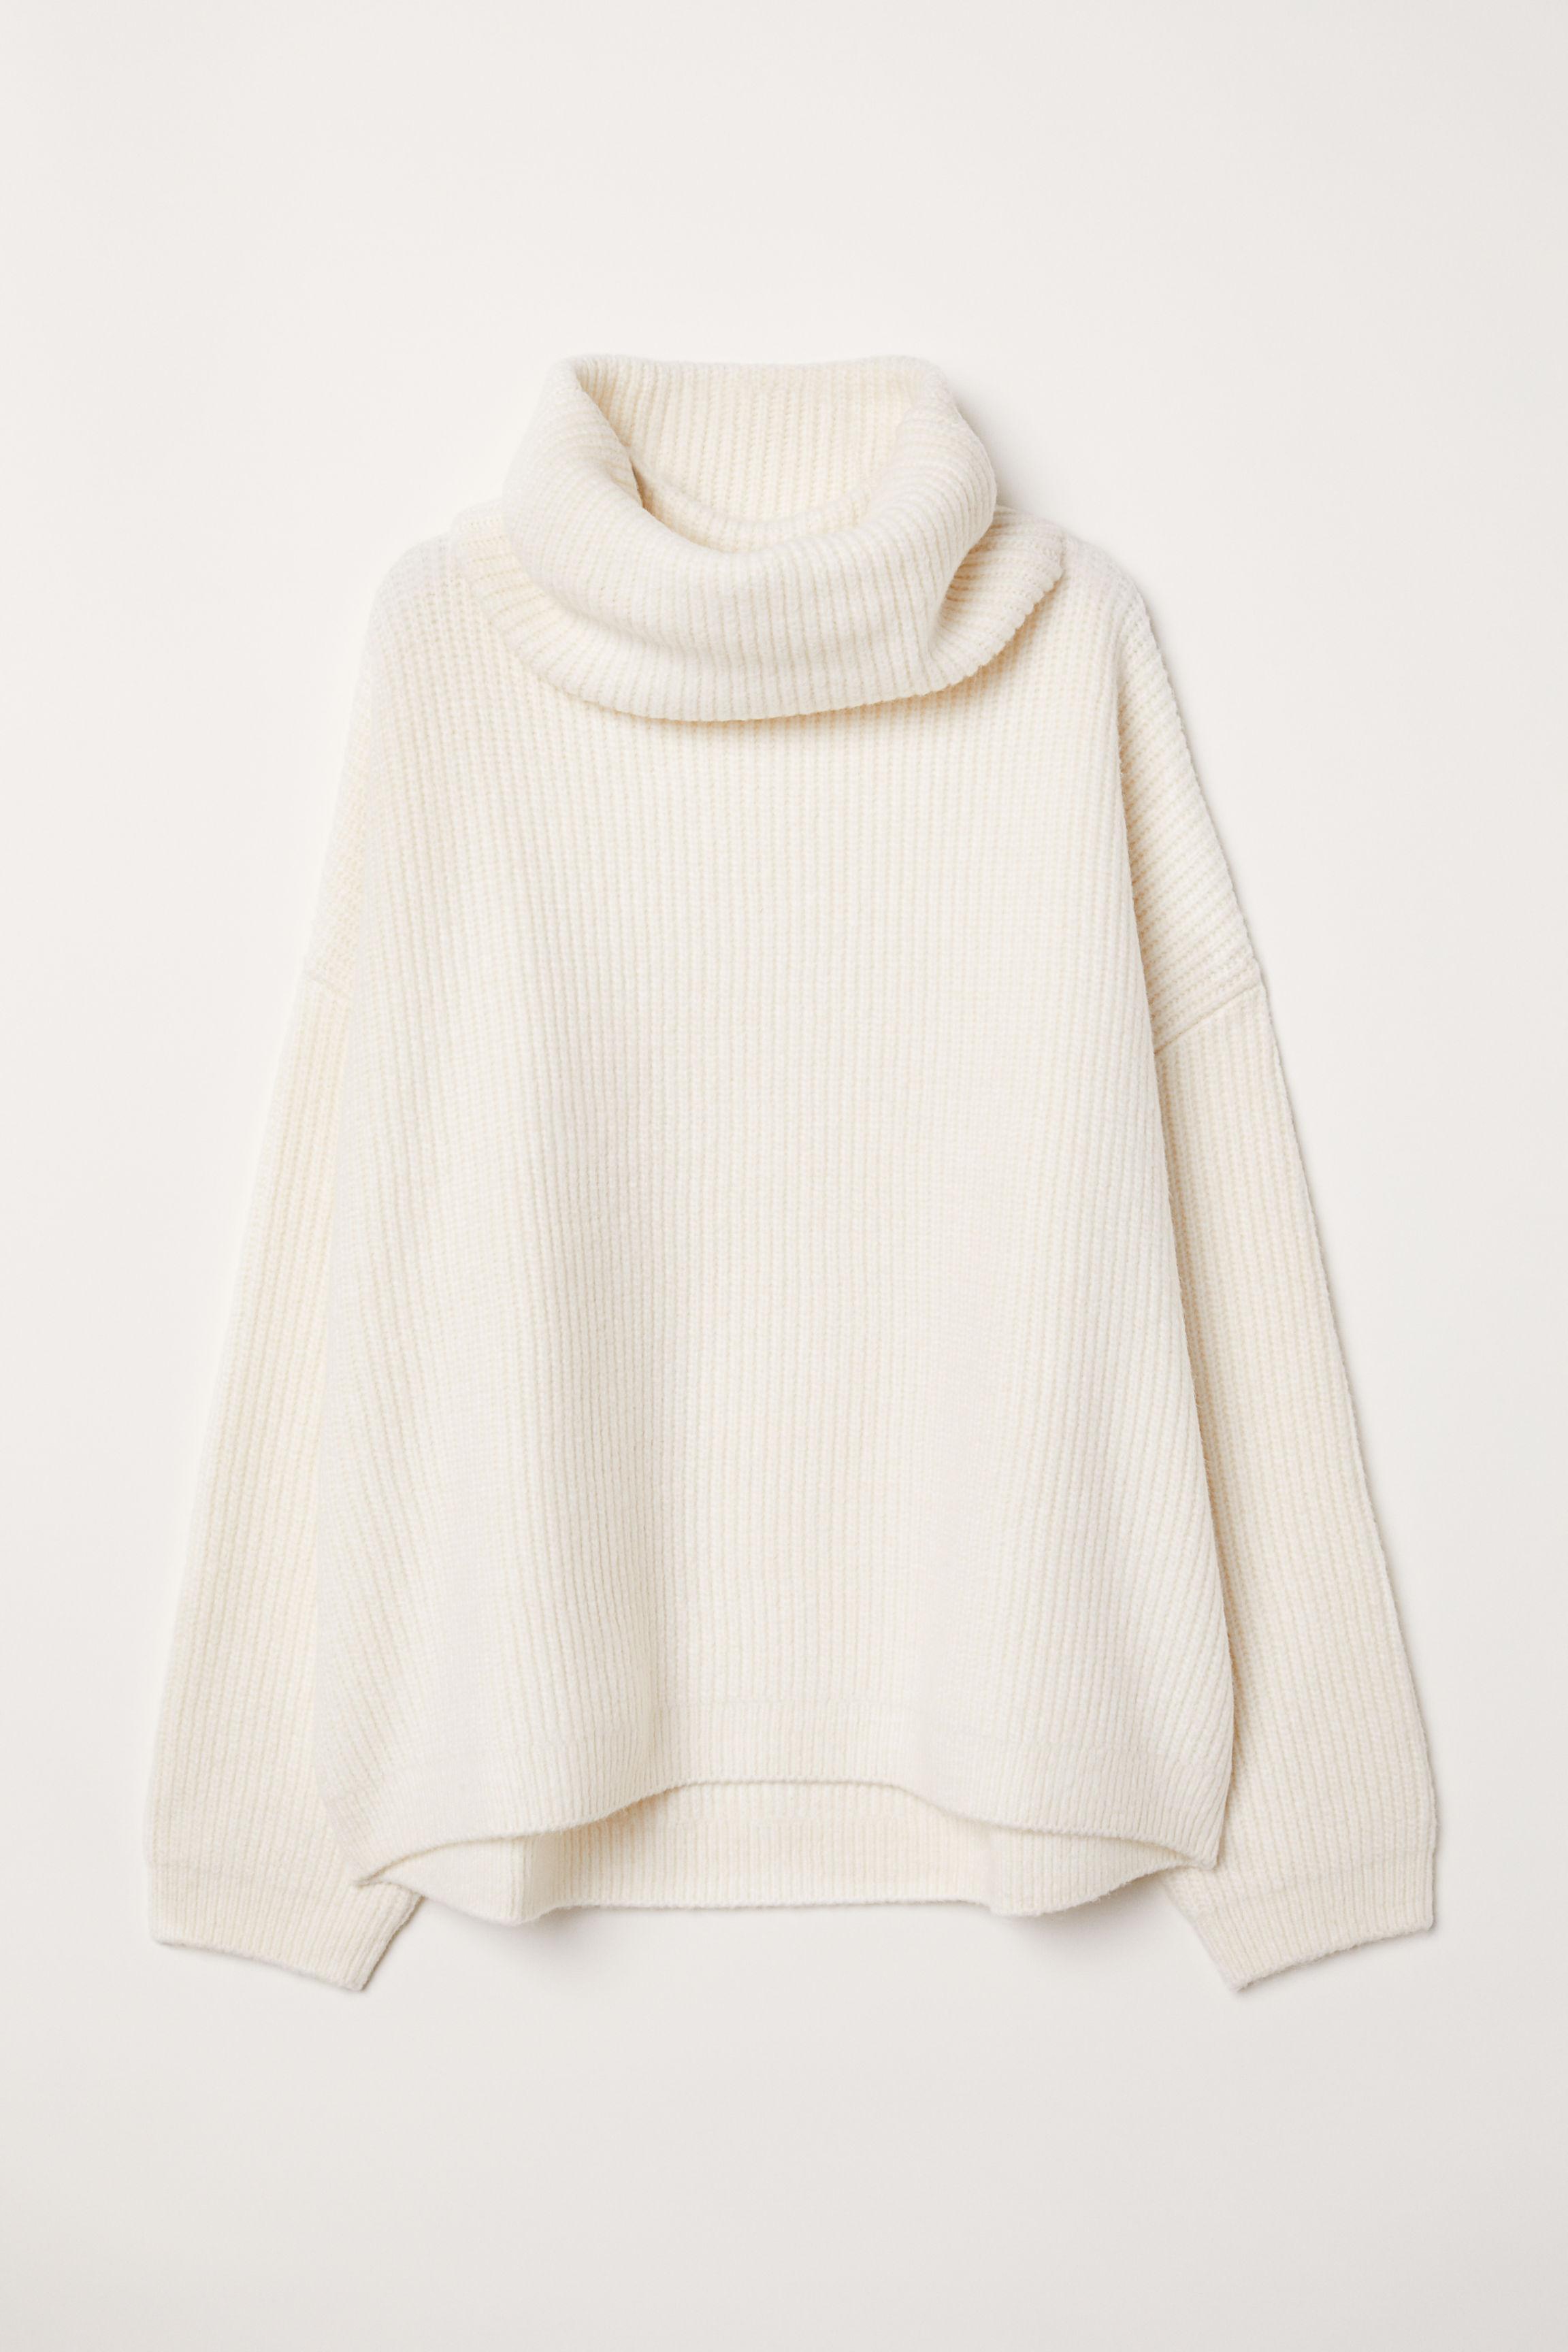 372b808ca3273f Ribbed Turtleneck Sweater - Cream - Ladies | H&M US